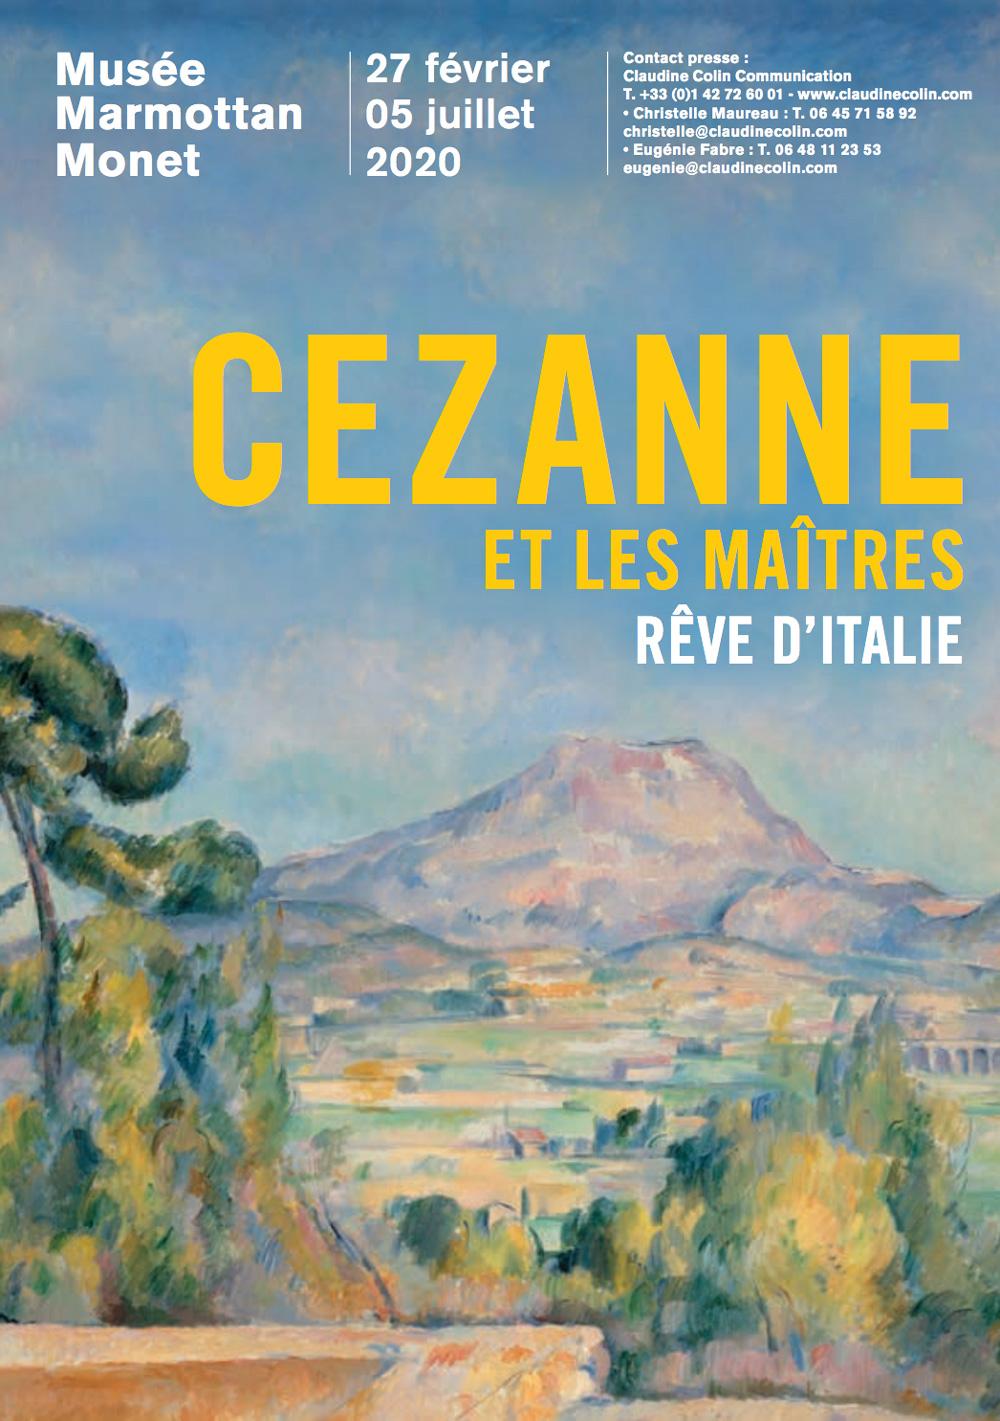 Cezanne et les maîtres. Rêve d'Italie - Affiche de l'exposition du musée Marmottant